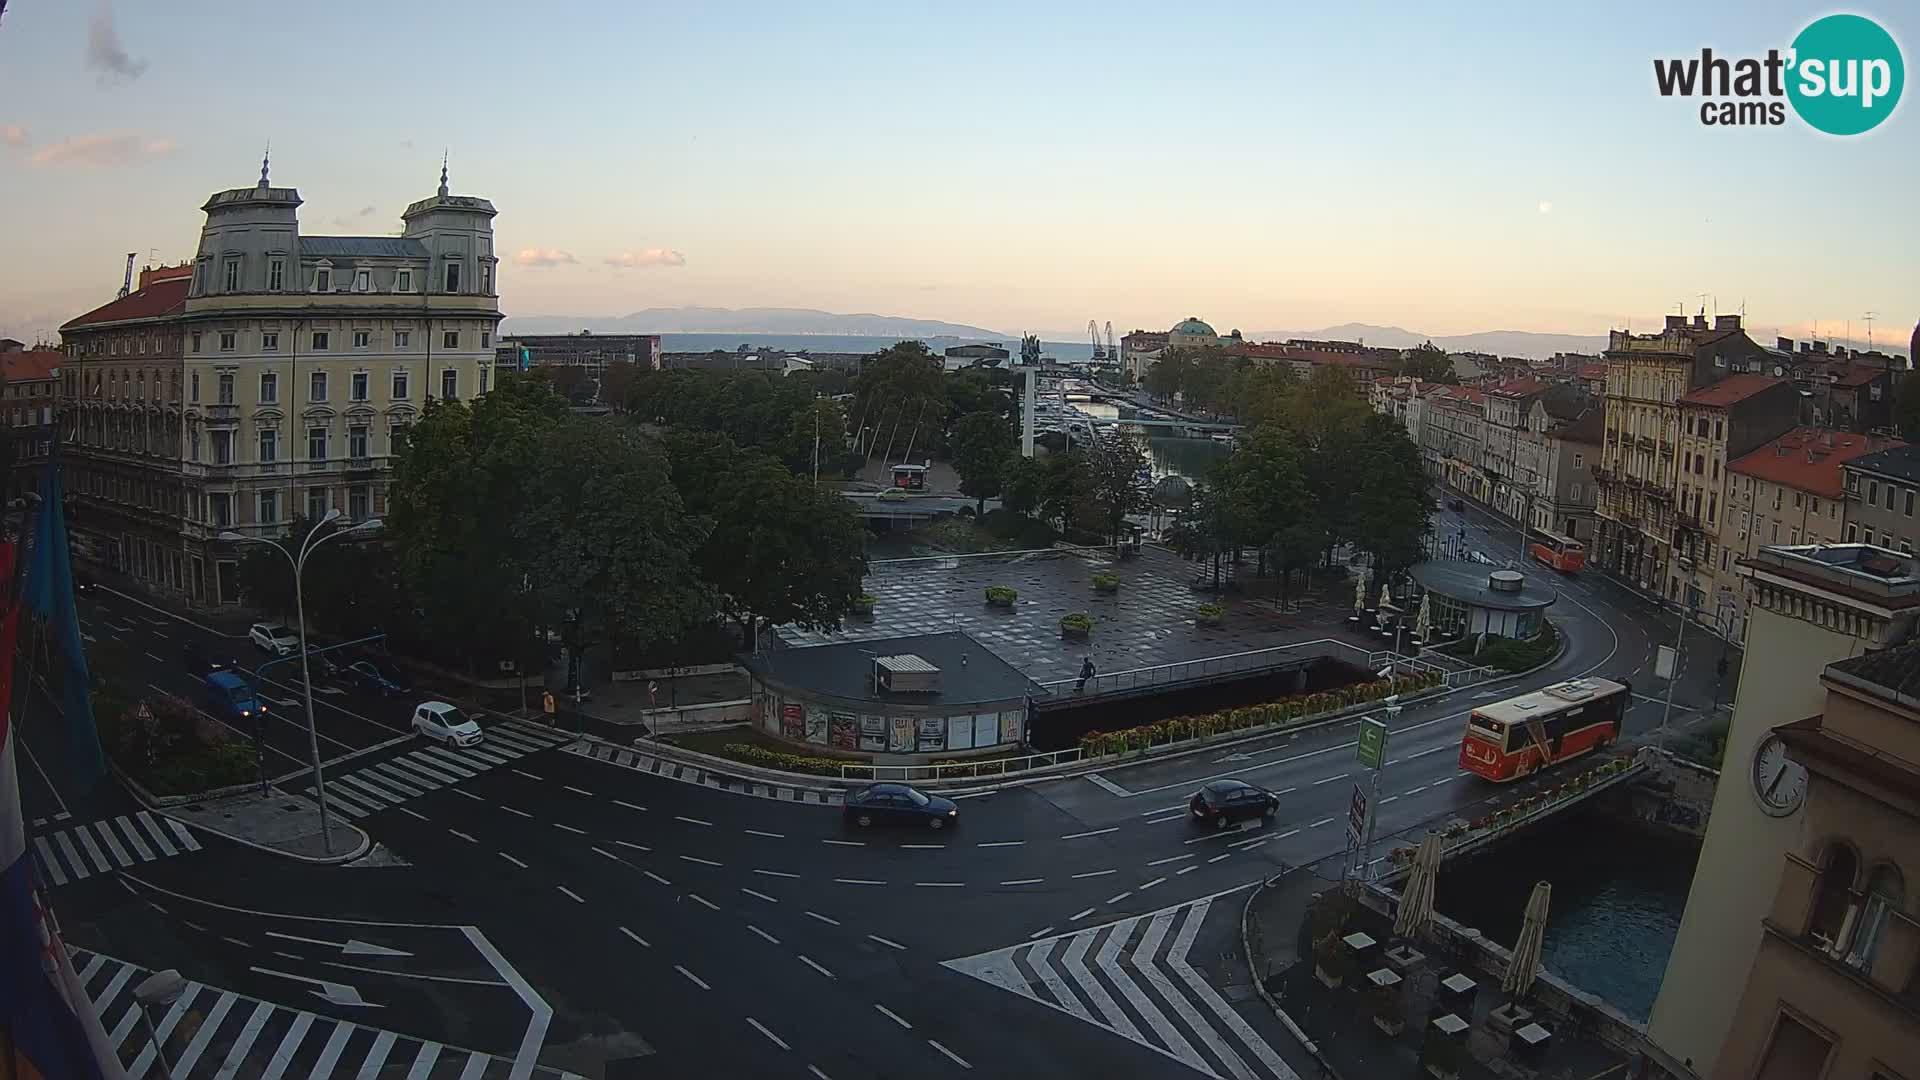 Rijeka –  Rječina, Fiumara and Tito square